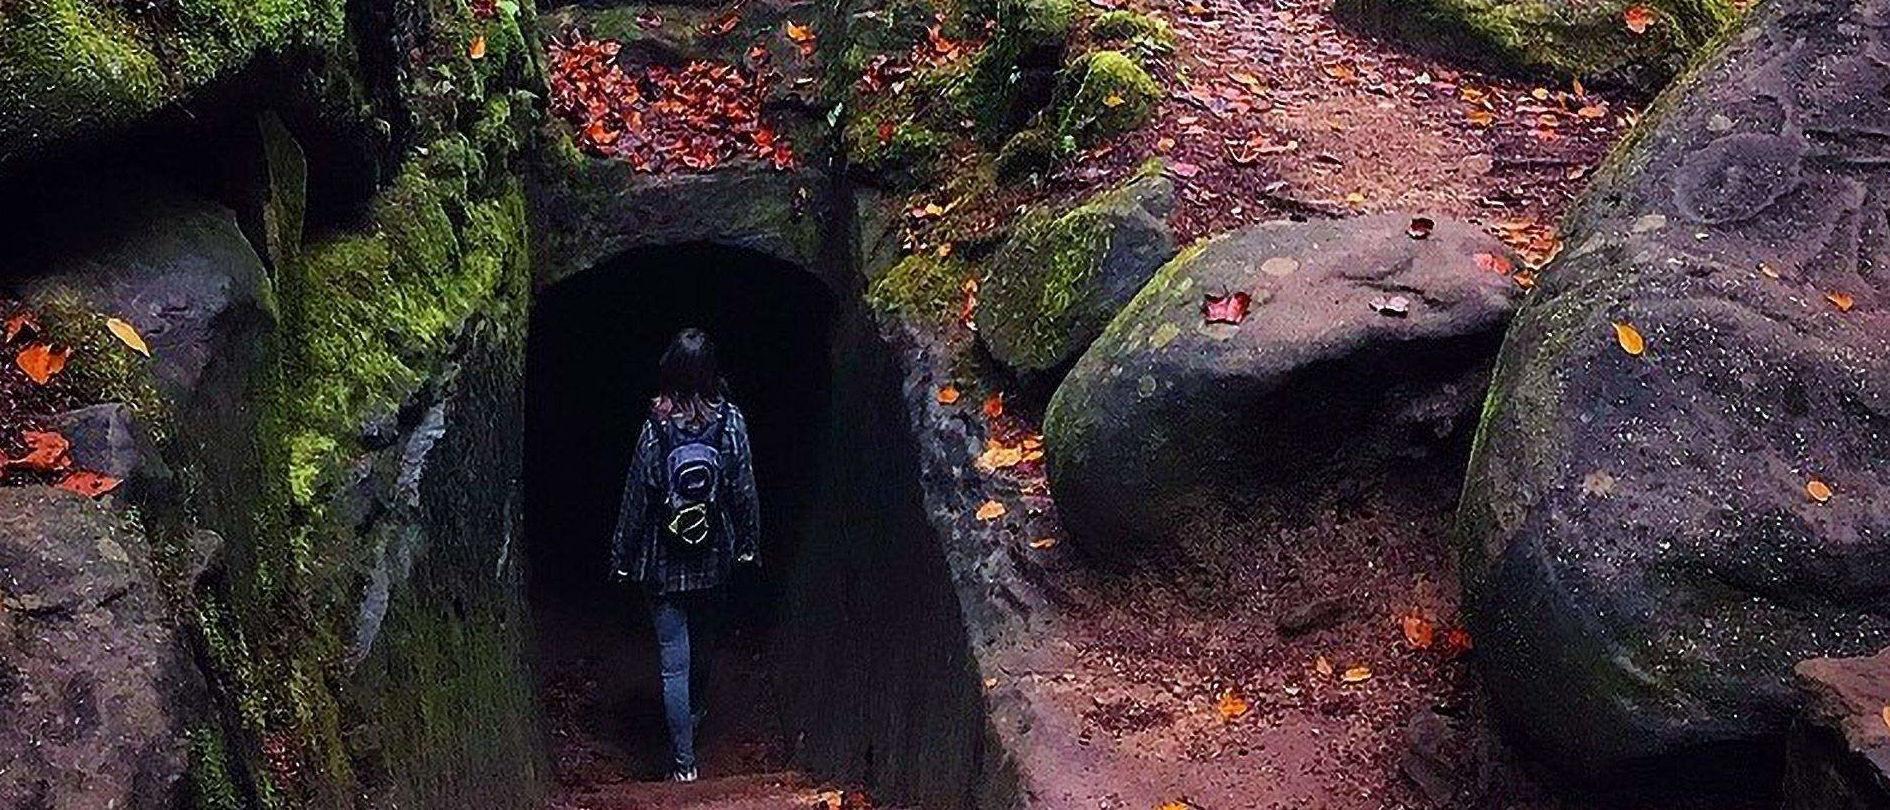 Hocking Hills Trails